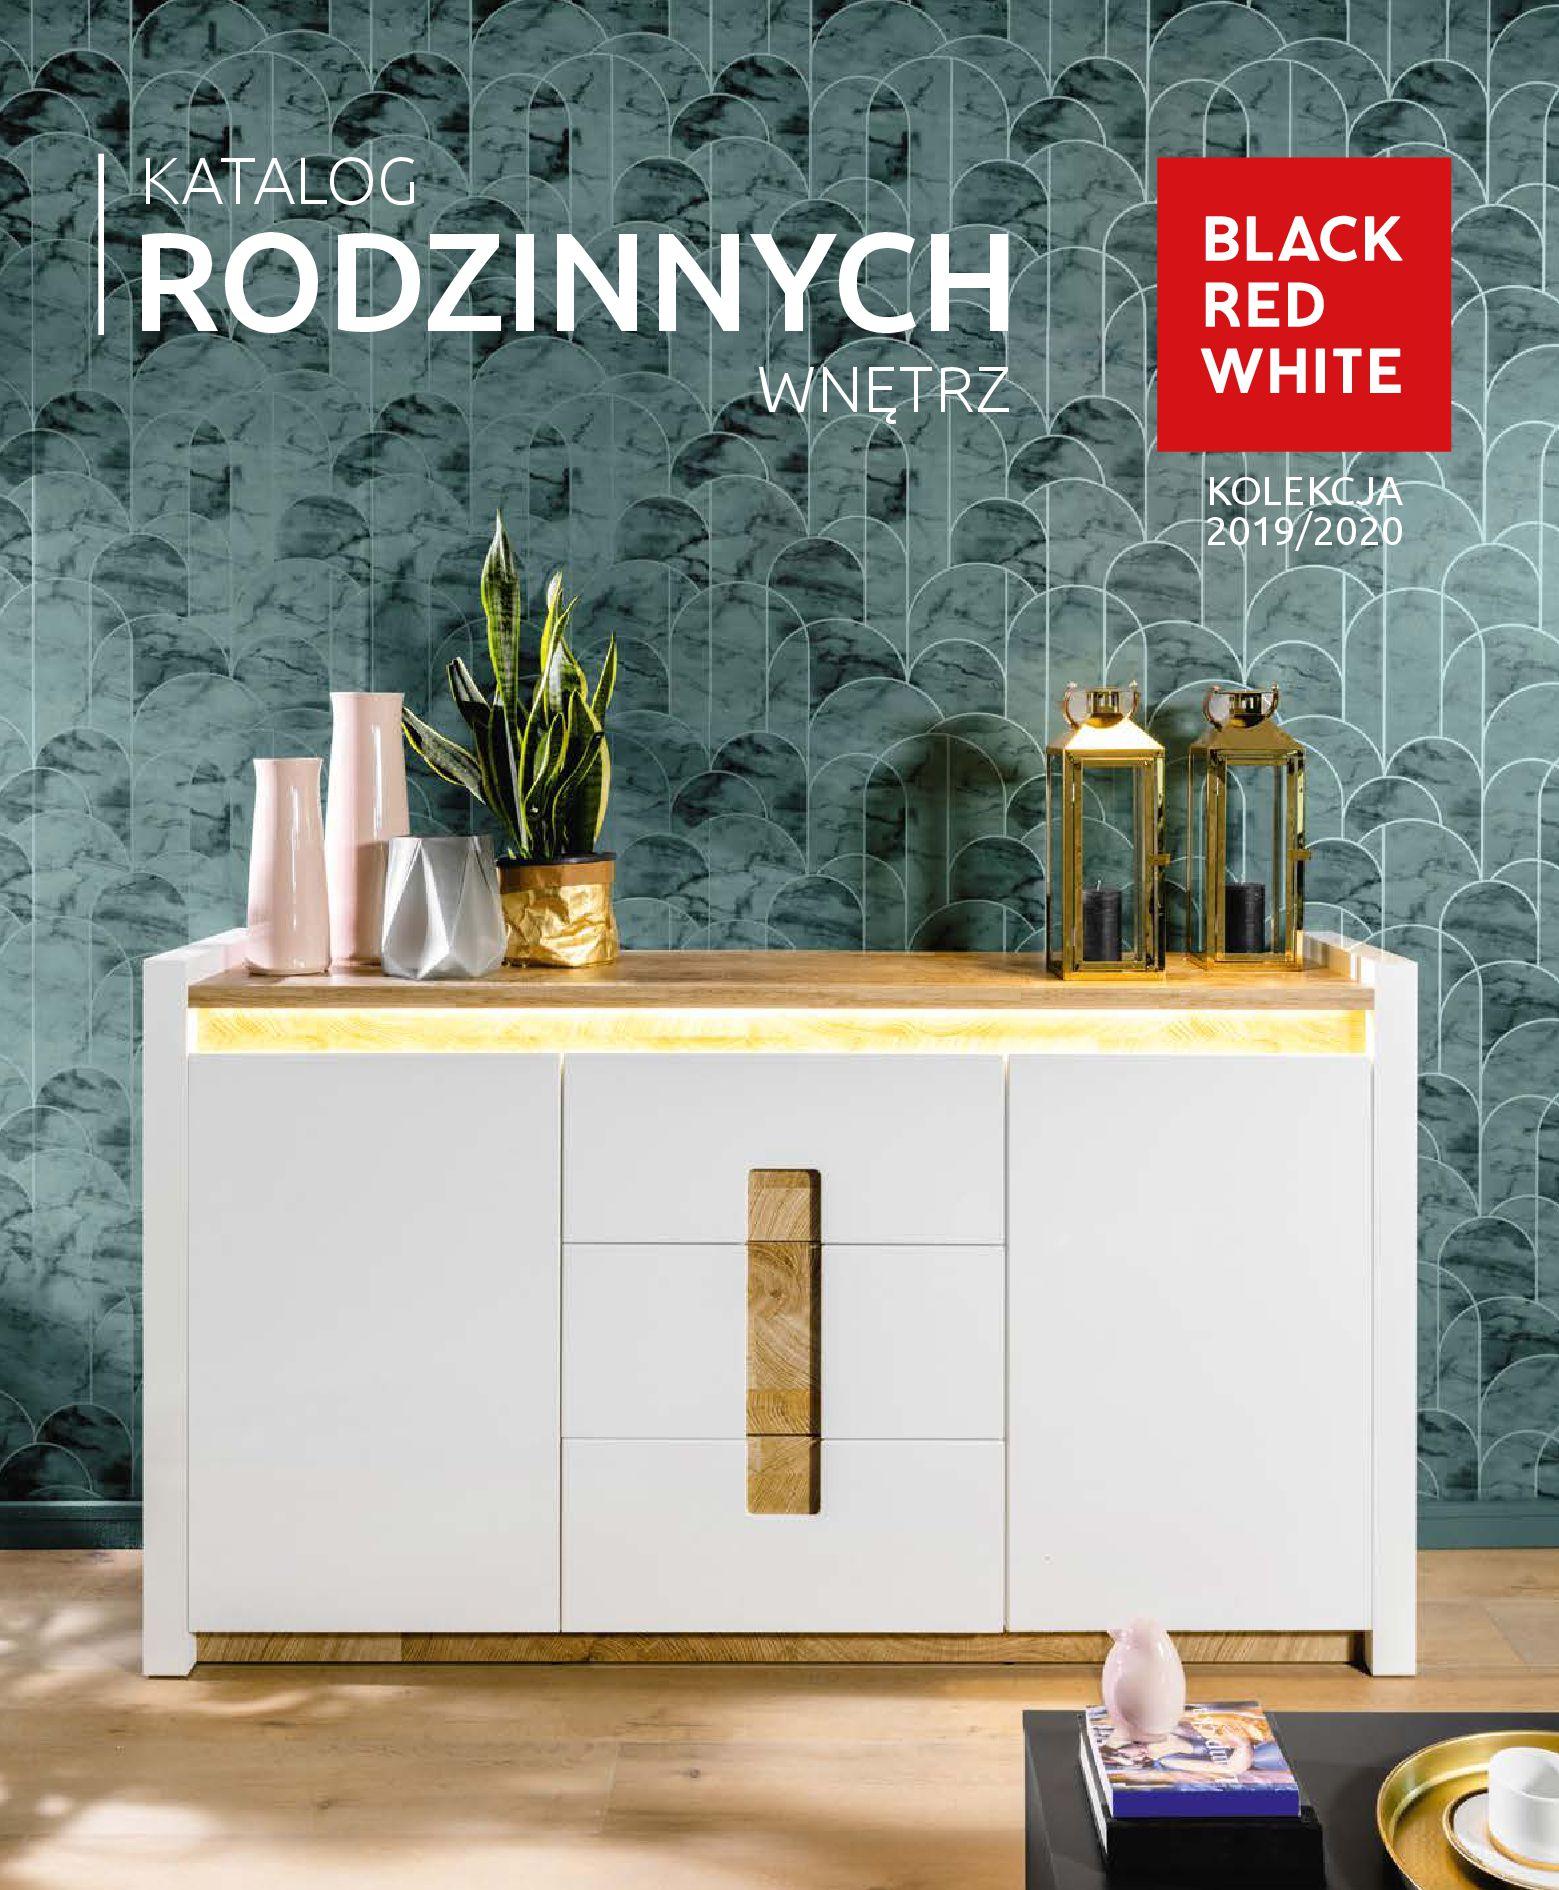 Gazetka Black Red White: Katalog - Rodzinne wnętrza 2019-04-01 page-1